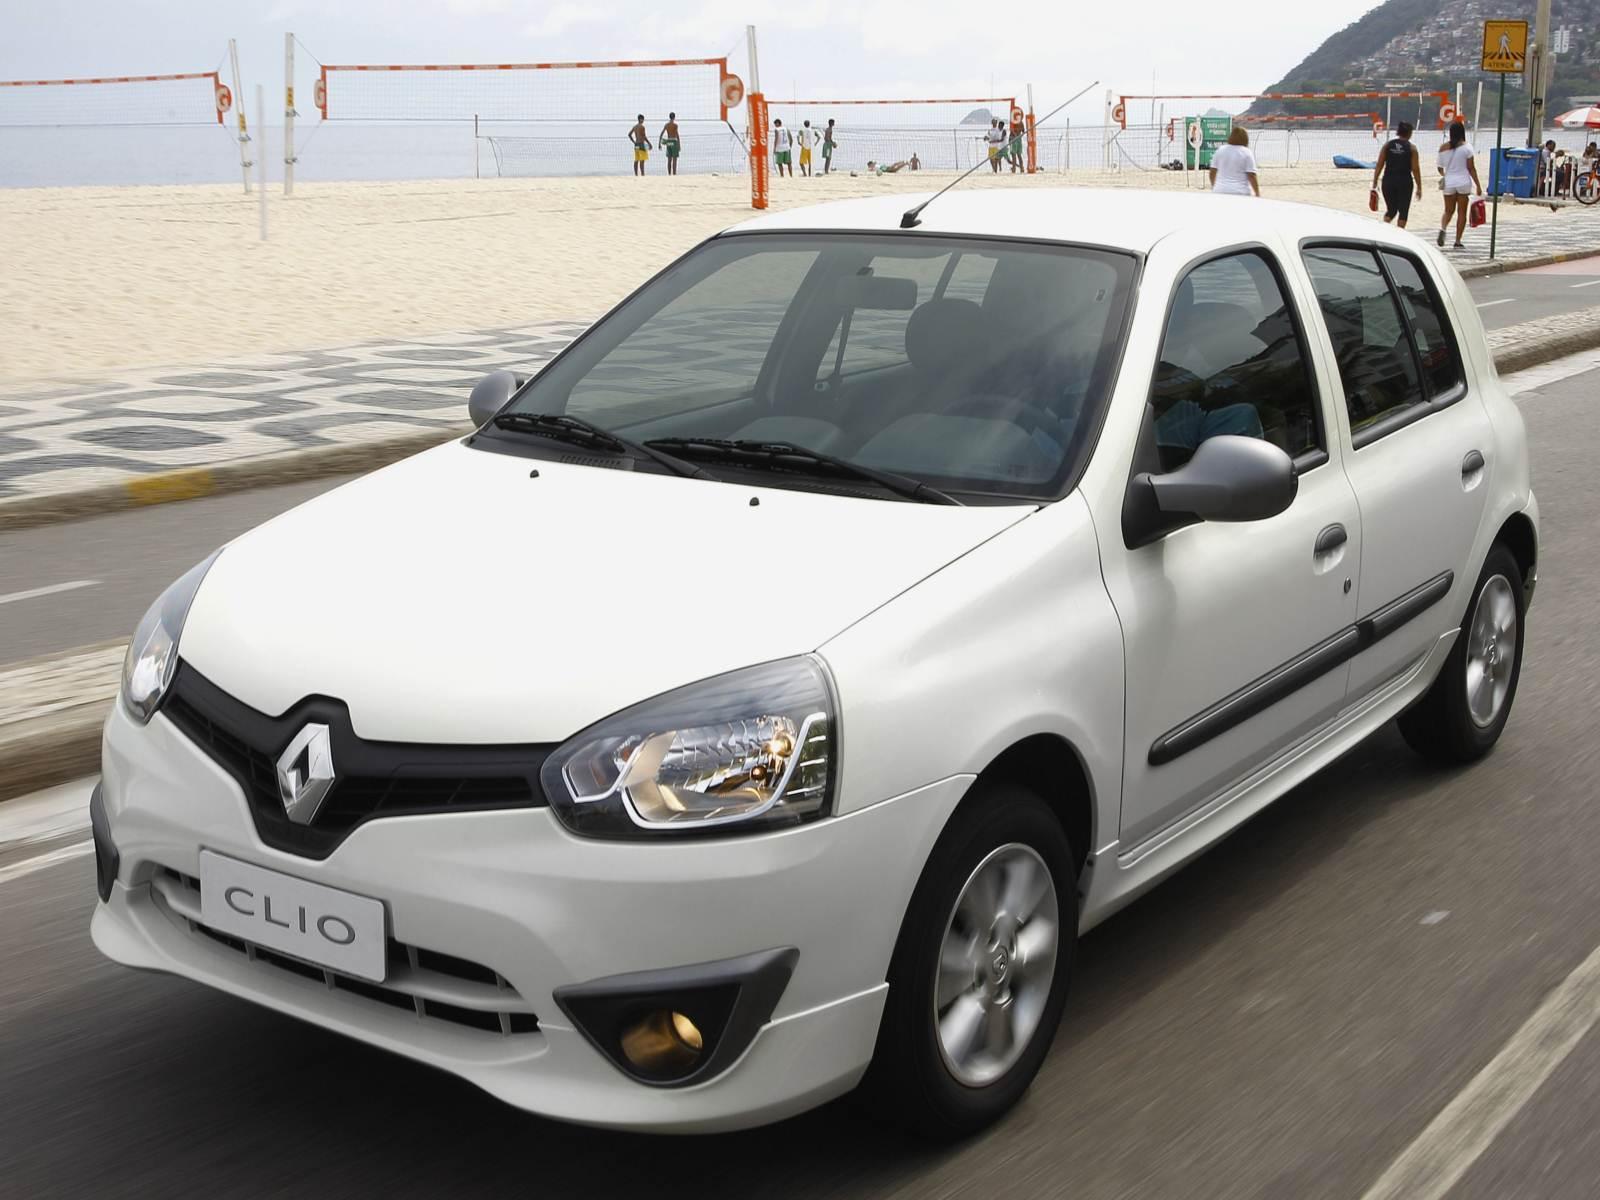 Renault Clio 2015 - Preço